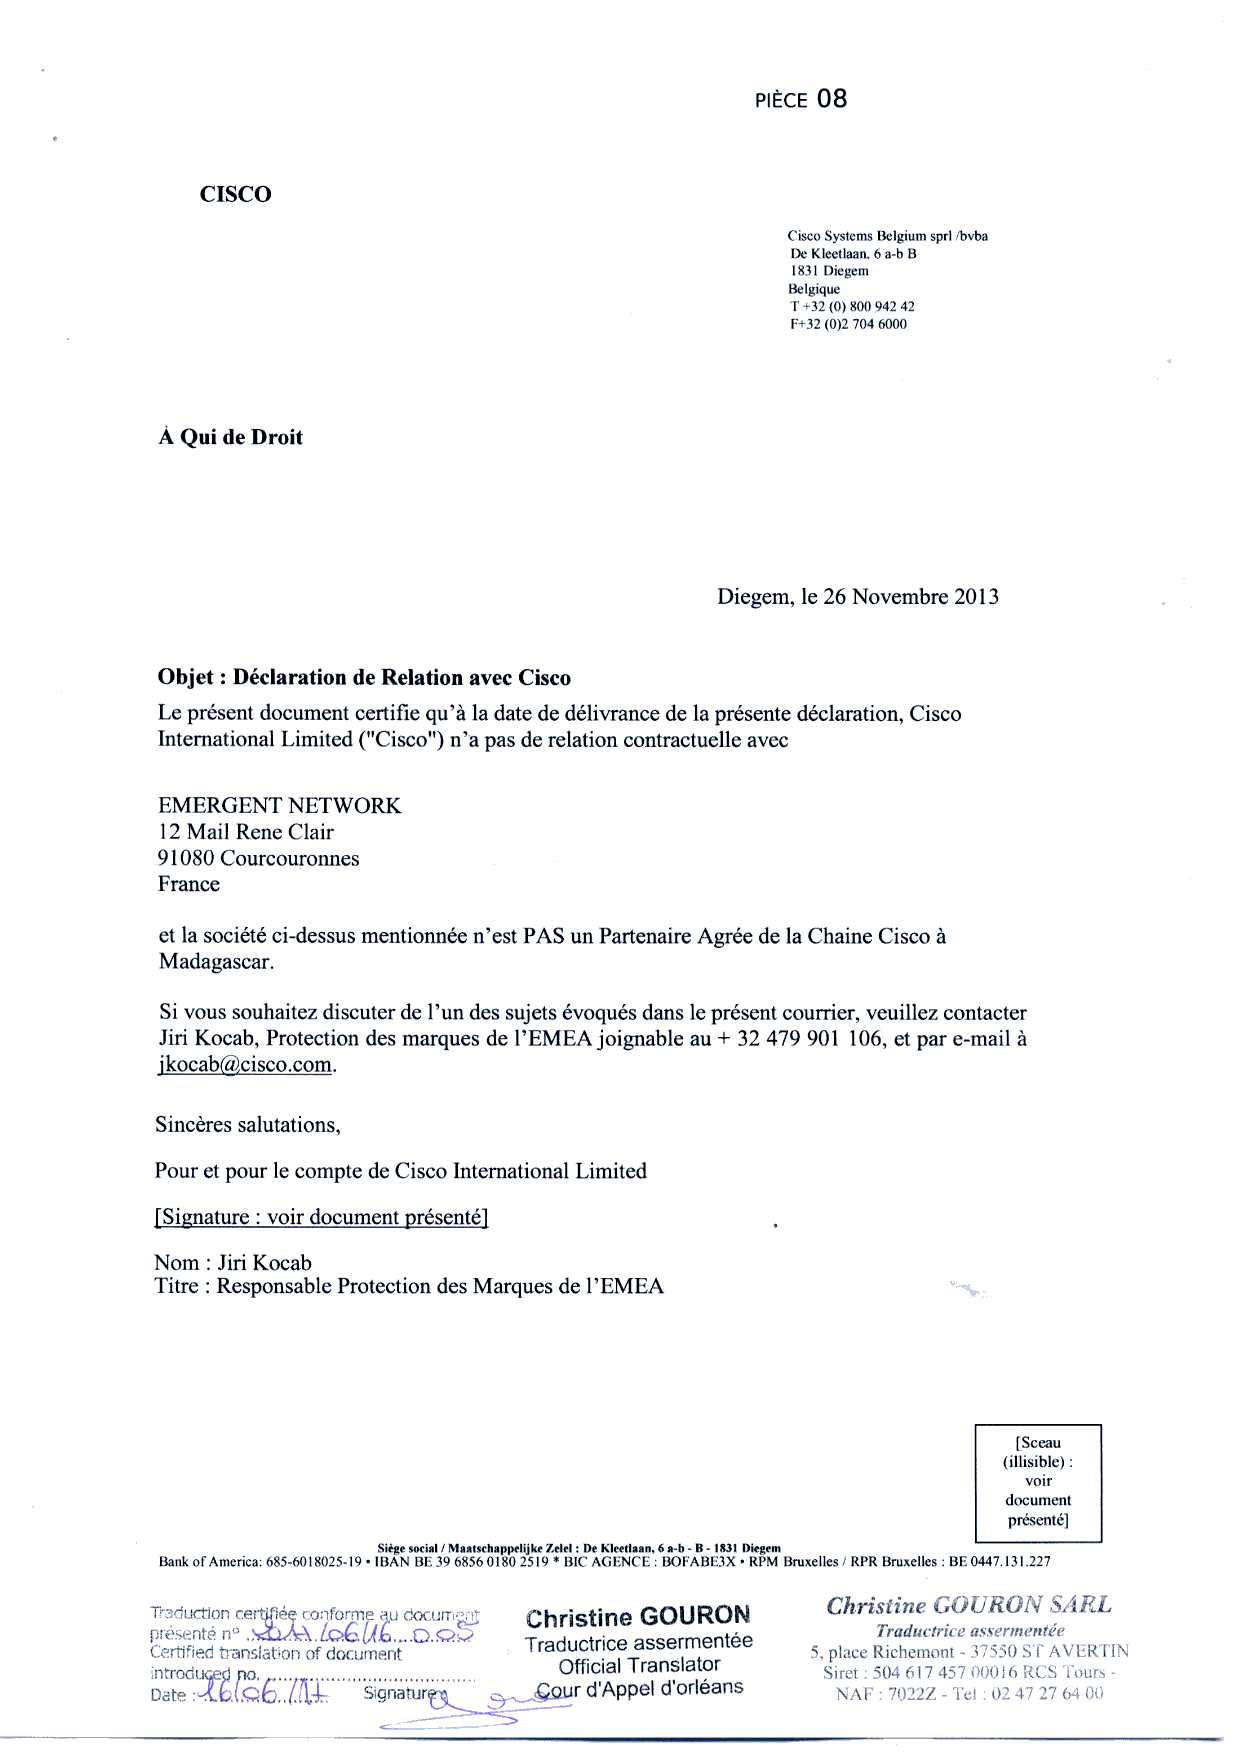 attestation cisco du 26 novembre 2013 traduite par GOURON - Décisions de justice sur l'affaire de Solo